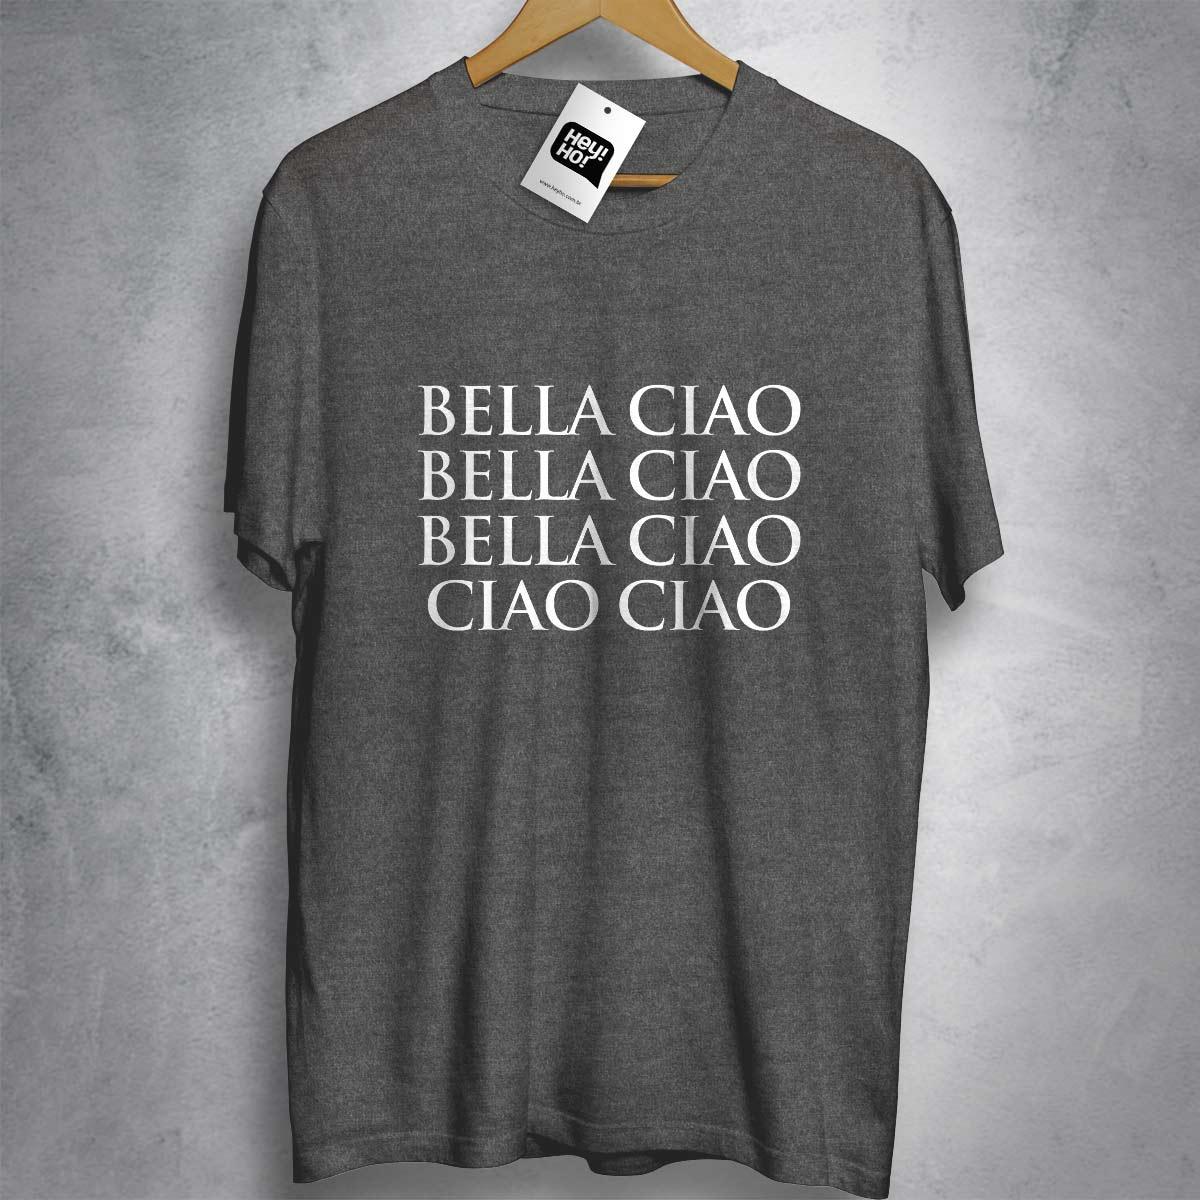 LA CASA DE PAPEL - Bella ciao